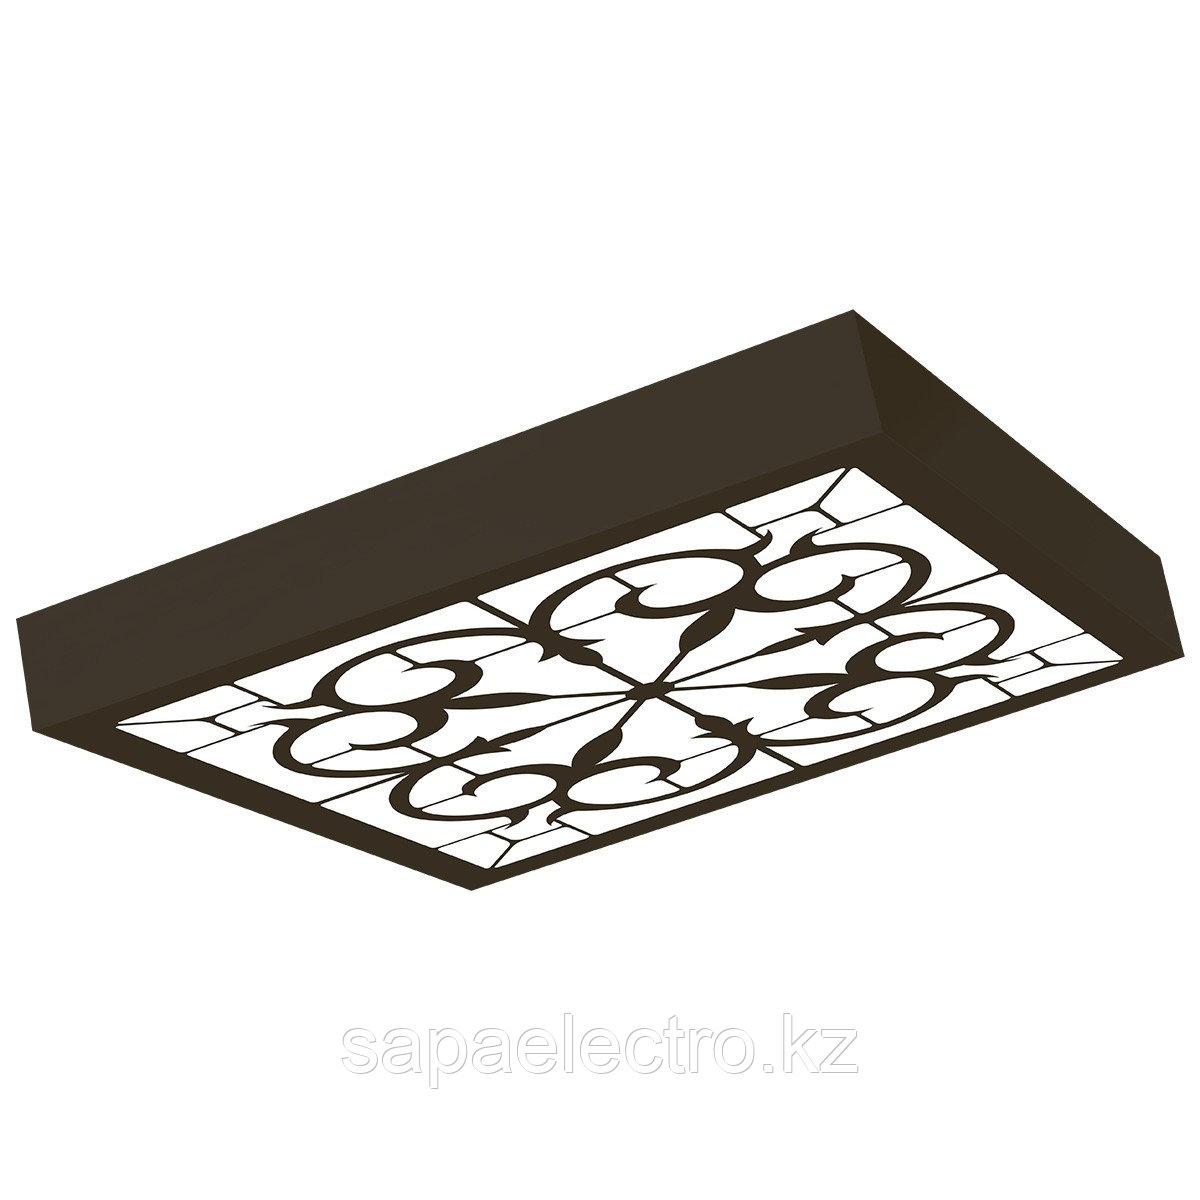 Св-к  OPALLED ORNAMENT 48W BLACK S/U  600x600 5700K